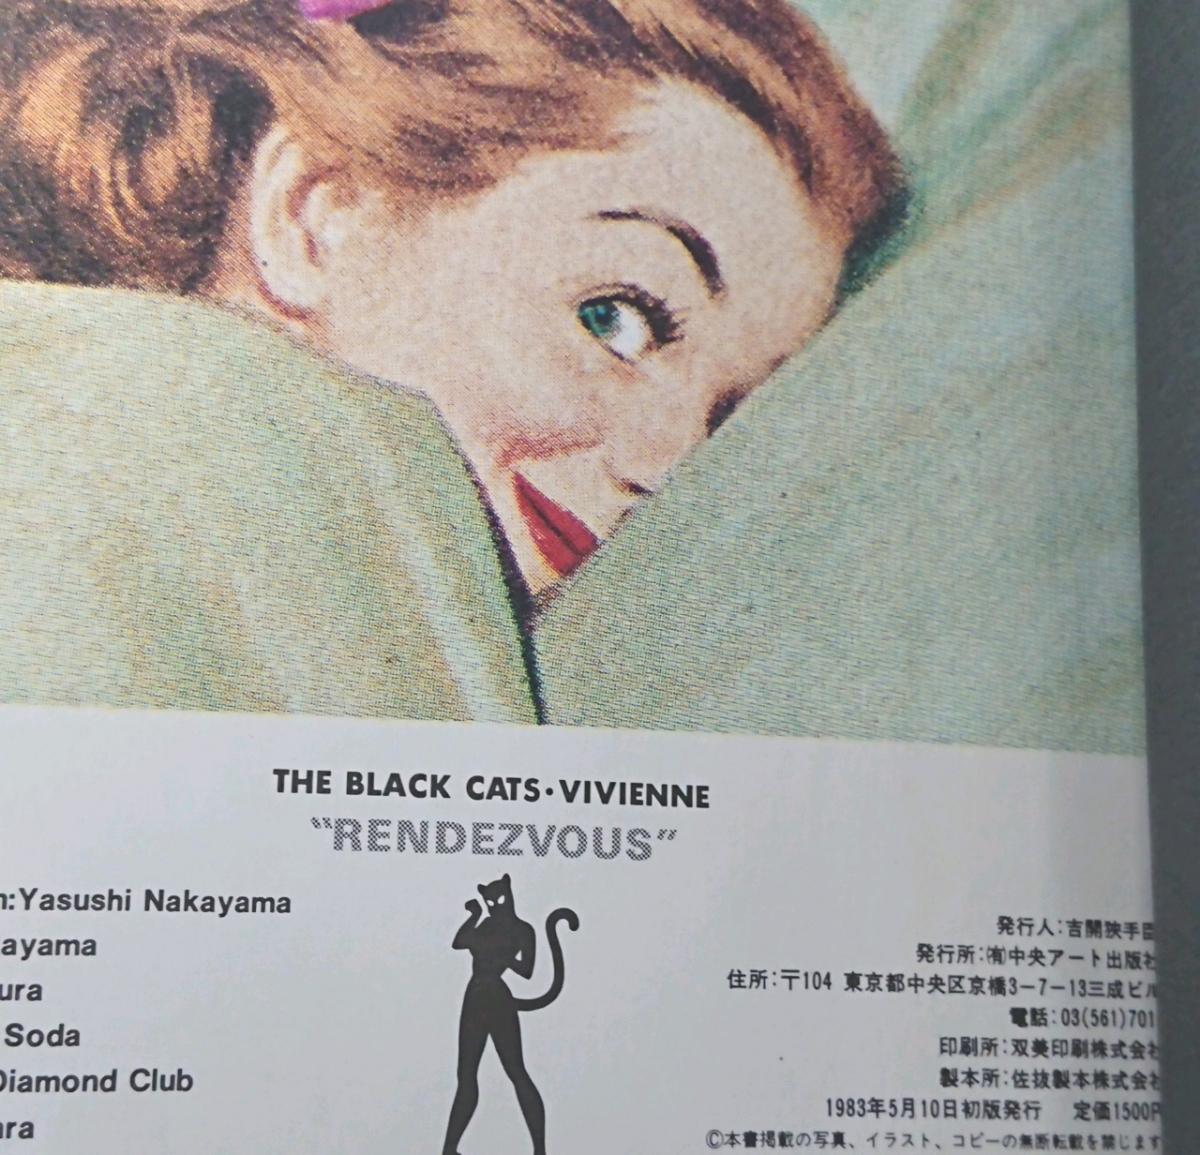 ブラック・キャッツ&ビビアン ランデブー 中央アート出版社 the black cats vivienne rendezvous_画像3